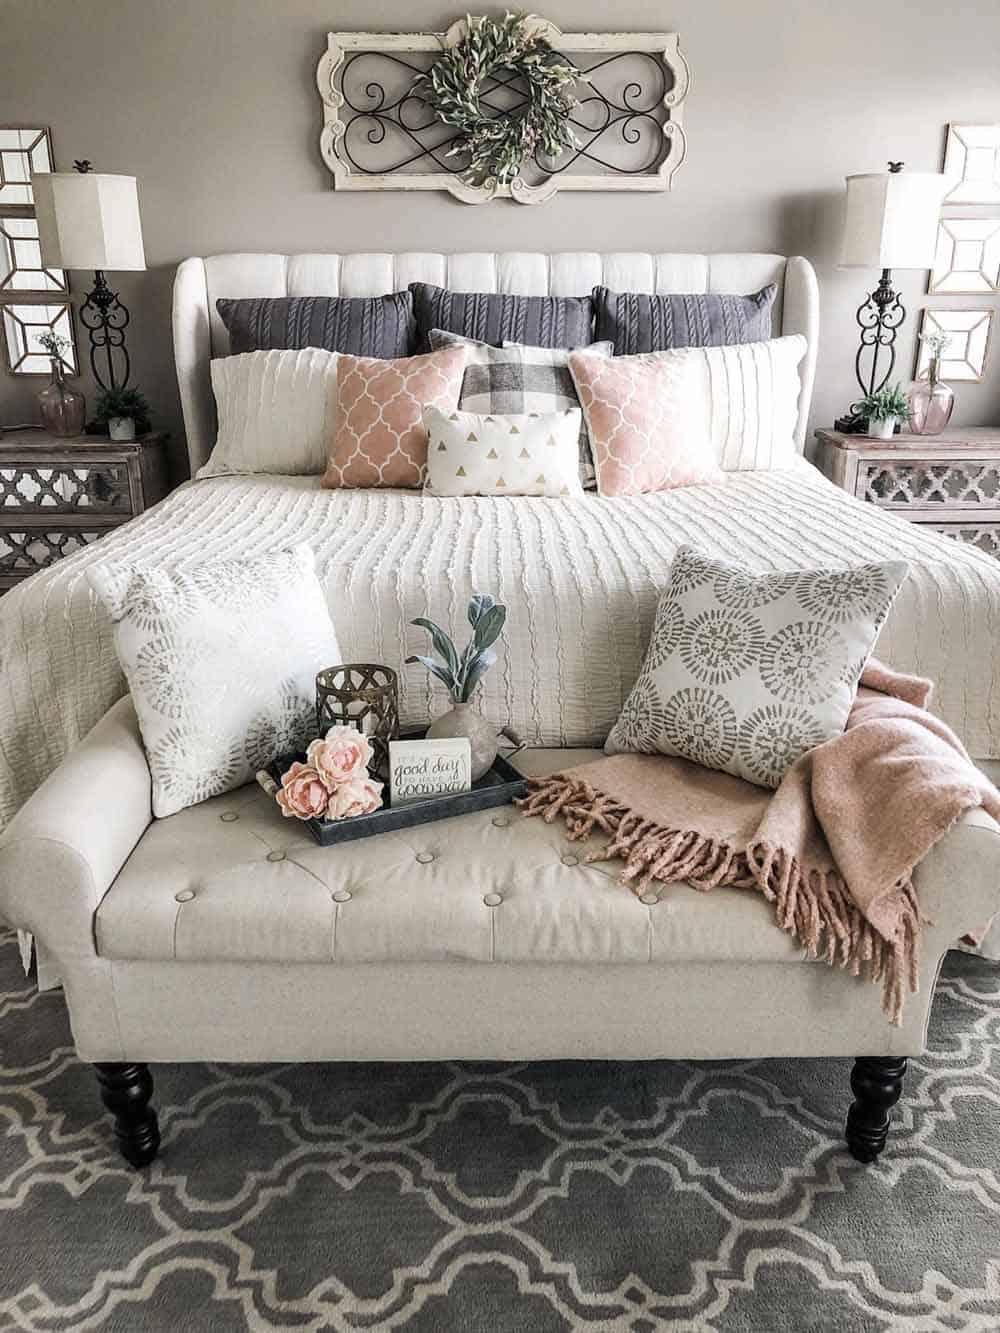 Thiết kế phòng ngủ với gam màu pastel đầy ấm áp và lãng mạn